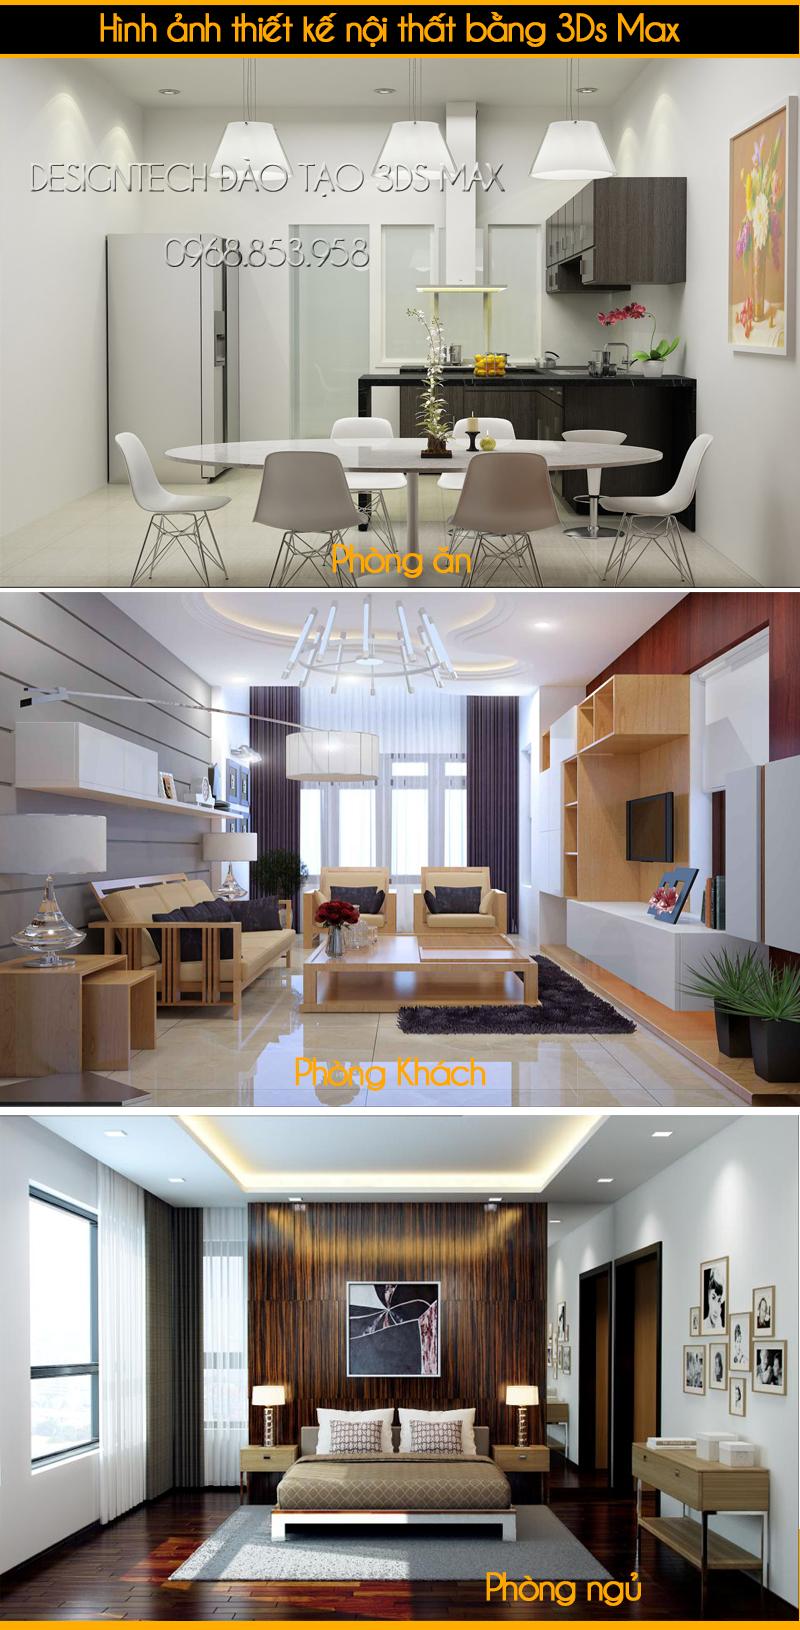 Học thiết kế nội thất và ngoại thất ở Thái Bình